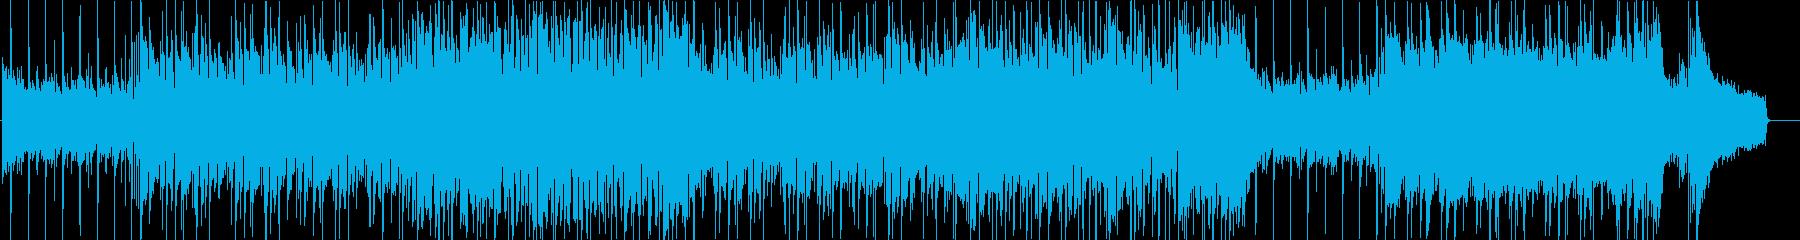 明るく爽やかなほのぼのピアノポップスaの再生済みの波形